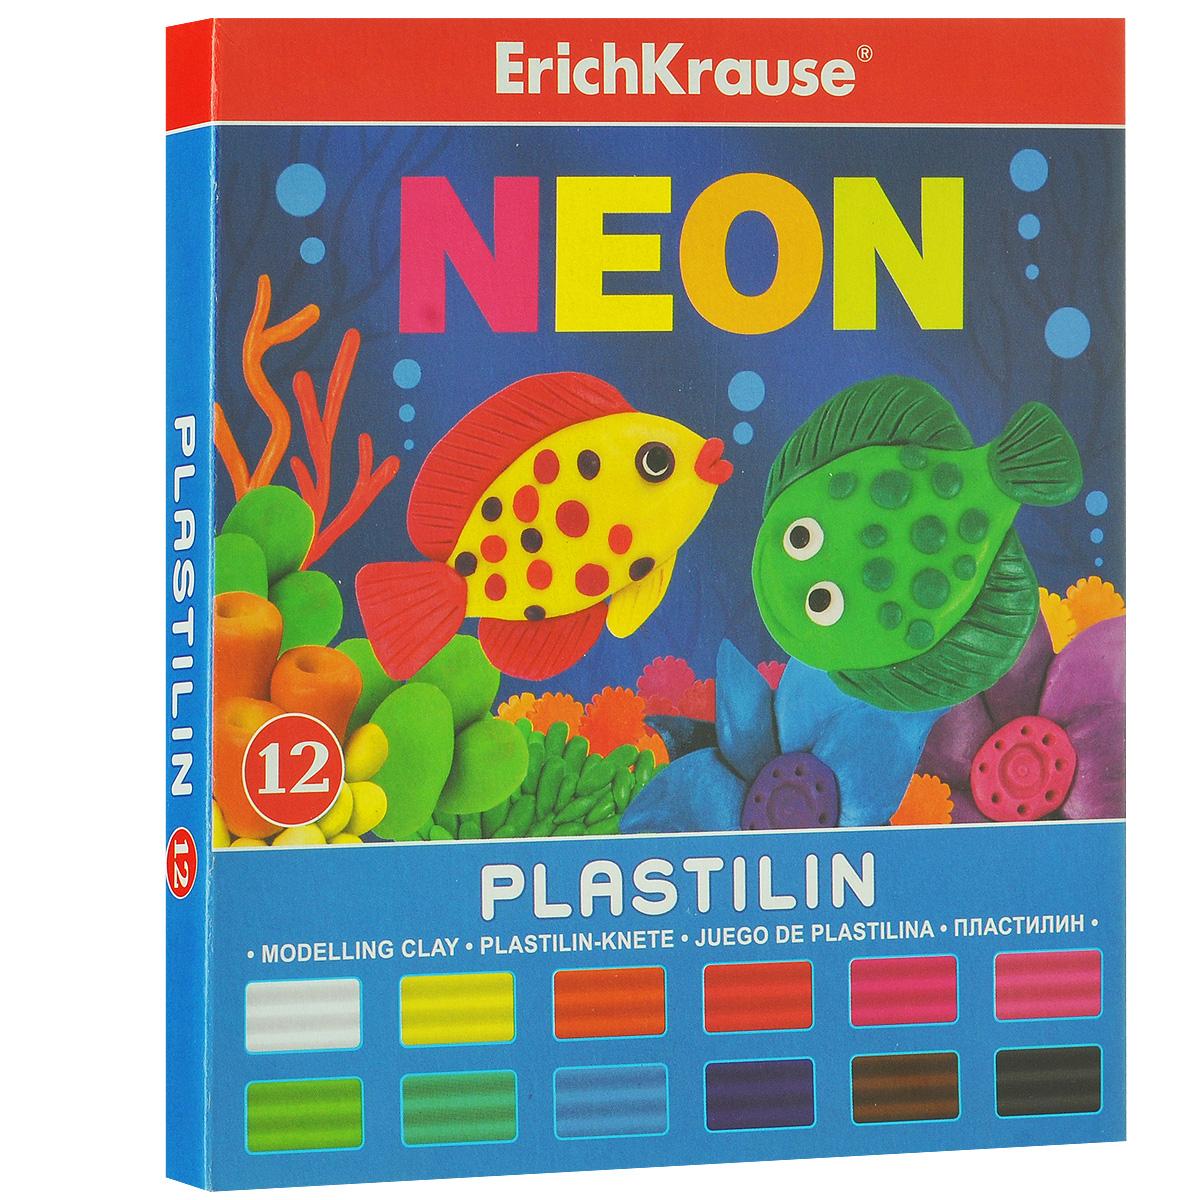 Пластилин Erich Krause Neon, 12 цветов37279Пластилин Neon- это отличная возможность познакомить ребенка с еще одним из видов изобразительного творчества, в котором создаются объемные образы и целые композиции. В набор входит пластилин, 12 цветов (белый, желтый, оранжевый, морковный, красный, розовый, зеленый, салатовый, голубой, фиолетовый, коричневый, черный).Цвета пластилина легко смешиваются между собой, и таким образом можно получить новые оттенки. Он имеет яркие, красочные цвета.Техника лепки богата и разнообразна, но при этом доступна даже маленьким детям. Занятие лепкой не только увлекательно, но и полезно для ребенка. Оно способствует развитию творческого и пространственного мышления, восприятия формы, фактуры, цвета и веса, развивает воображение и мелкую моторику.